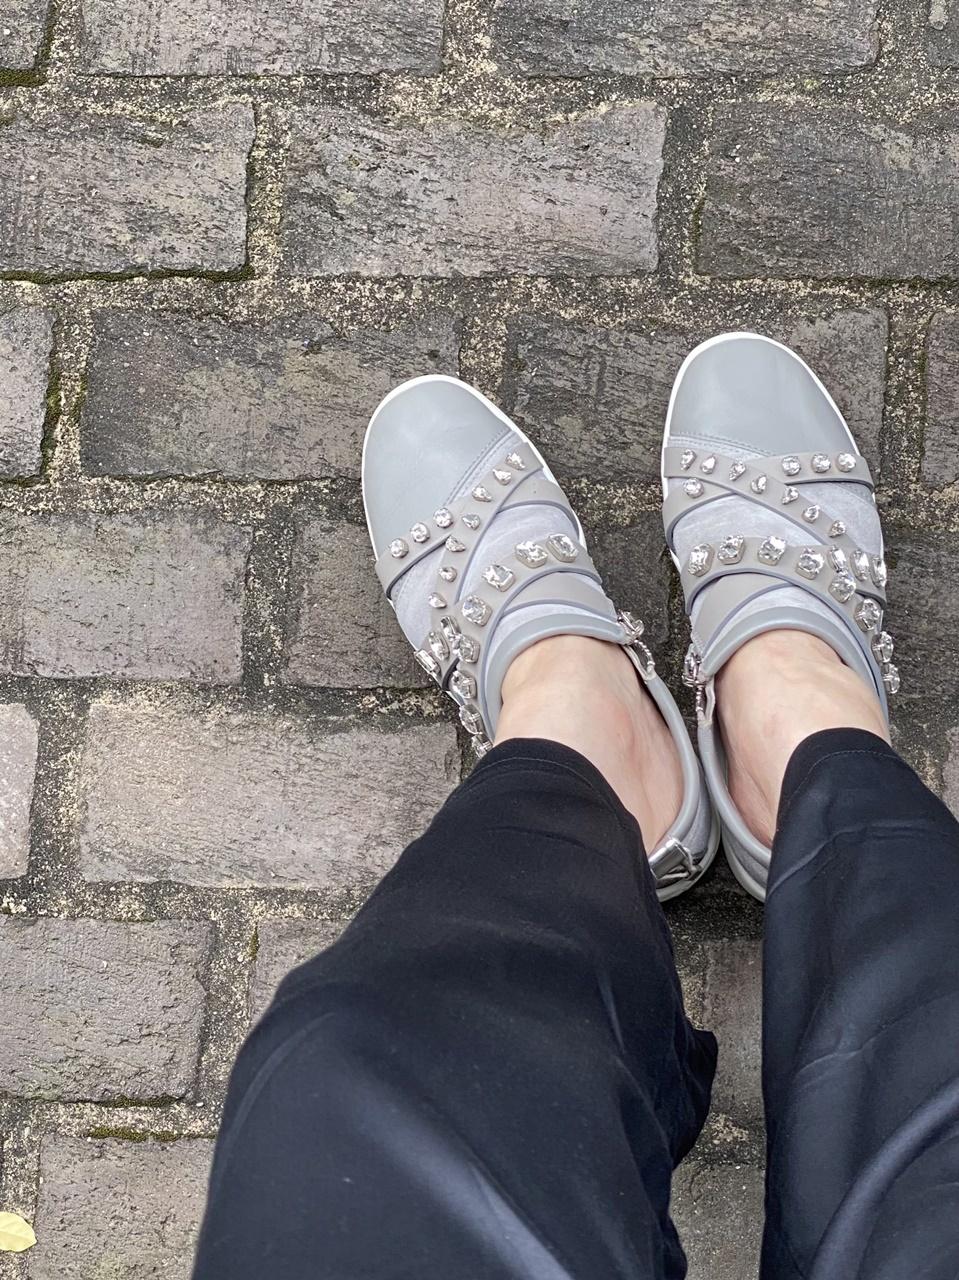 ジュゼッペザノッティの靴